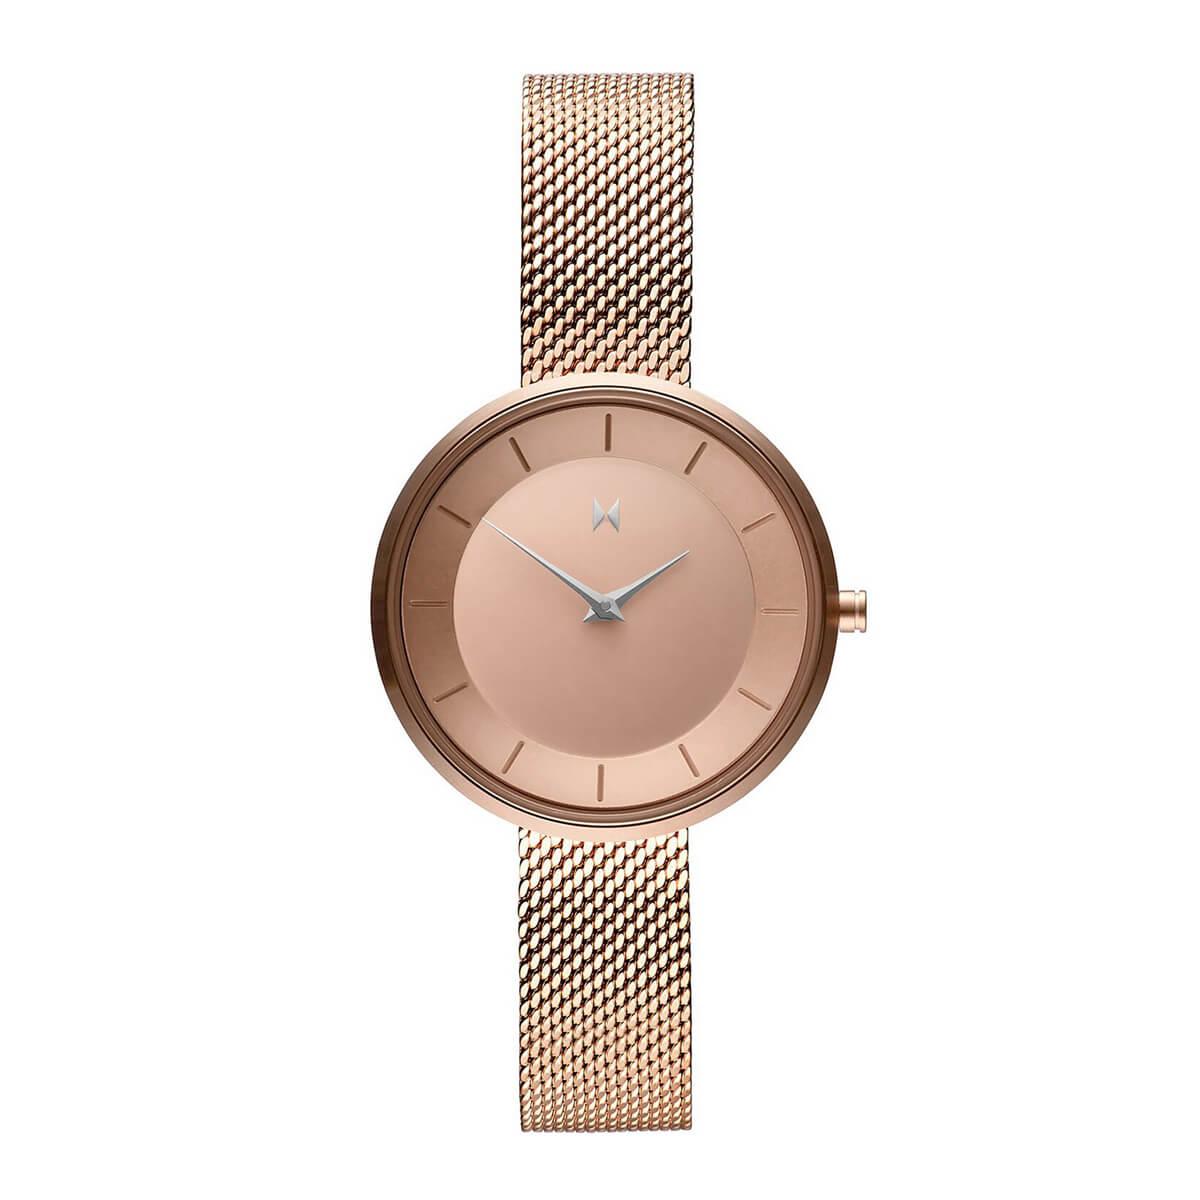 Weesky Quartz Watch Golden Case afbeelding 0